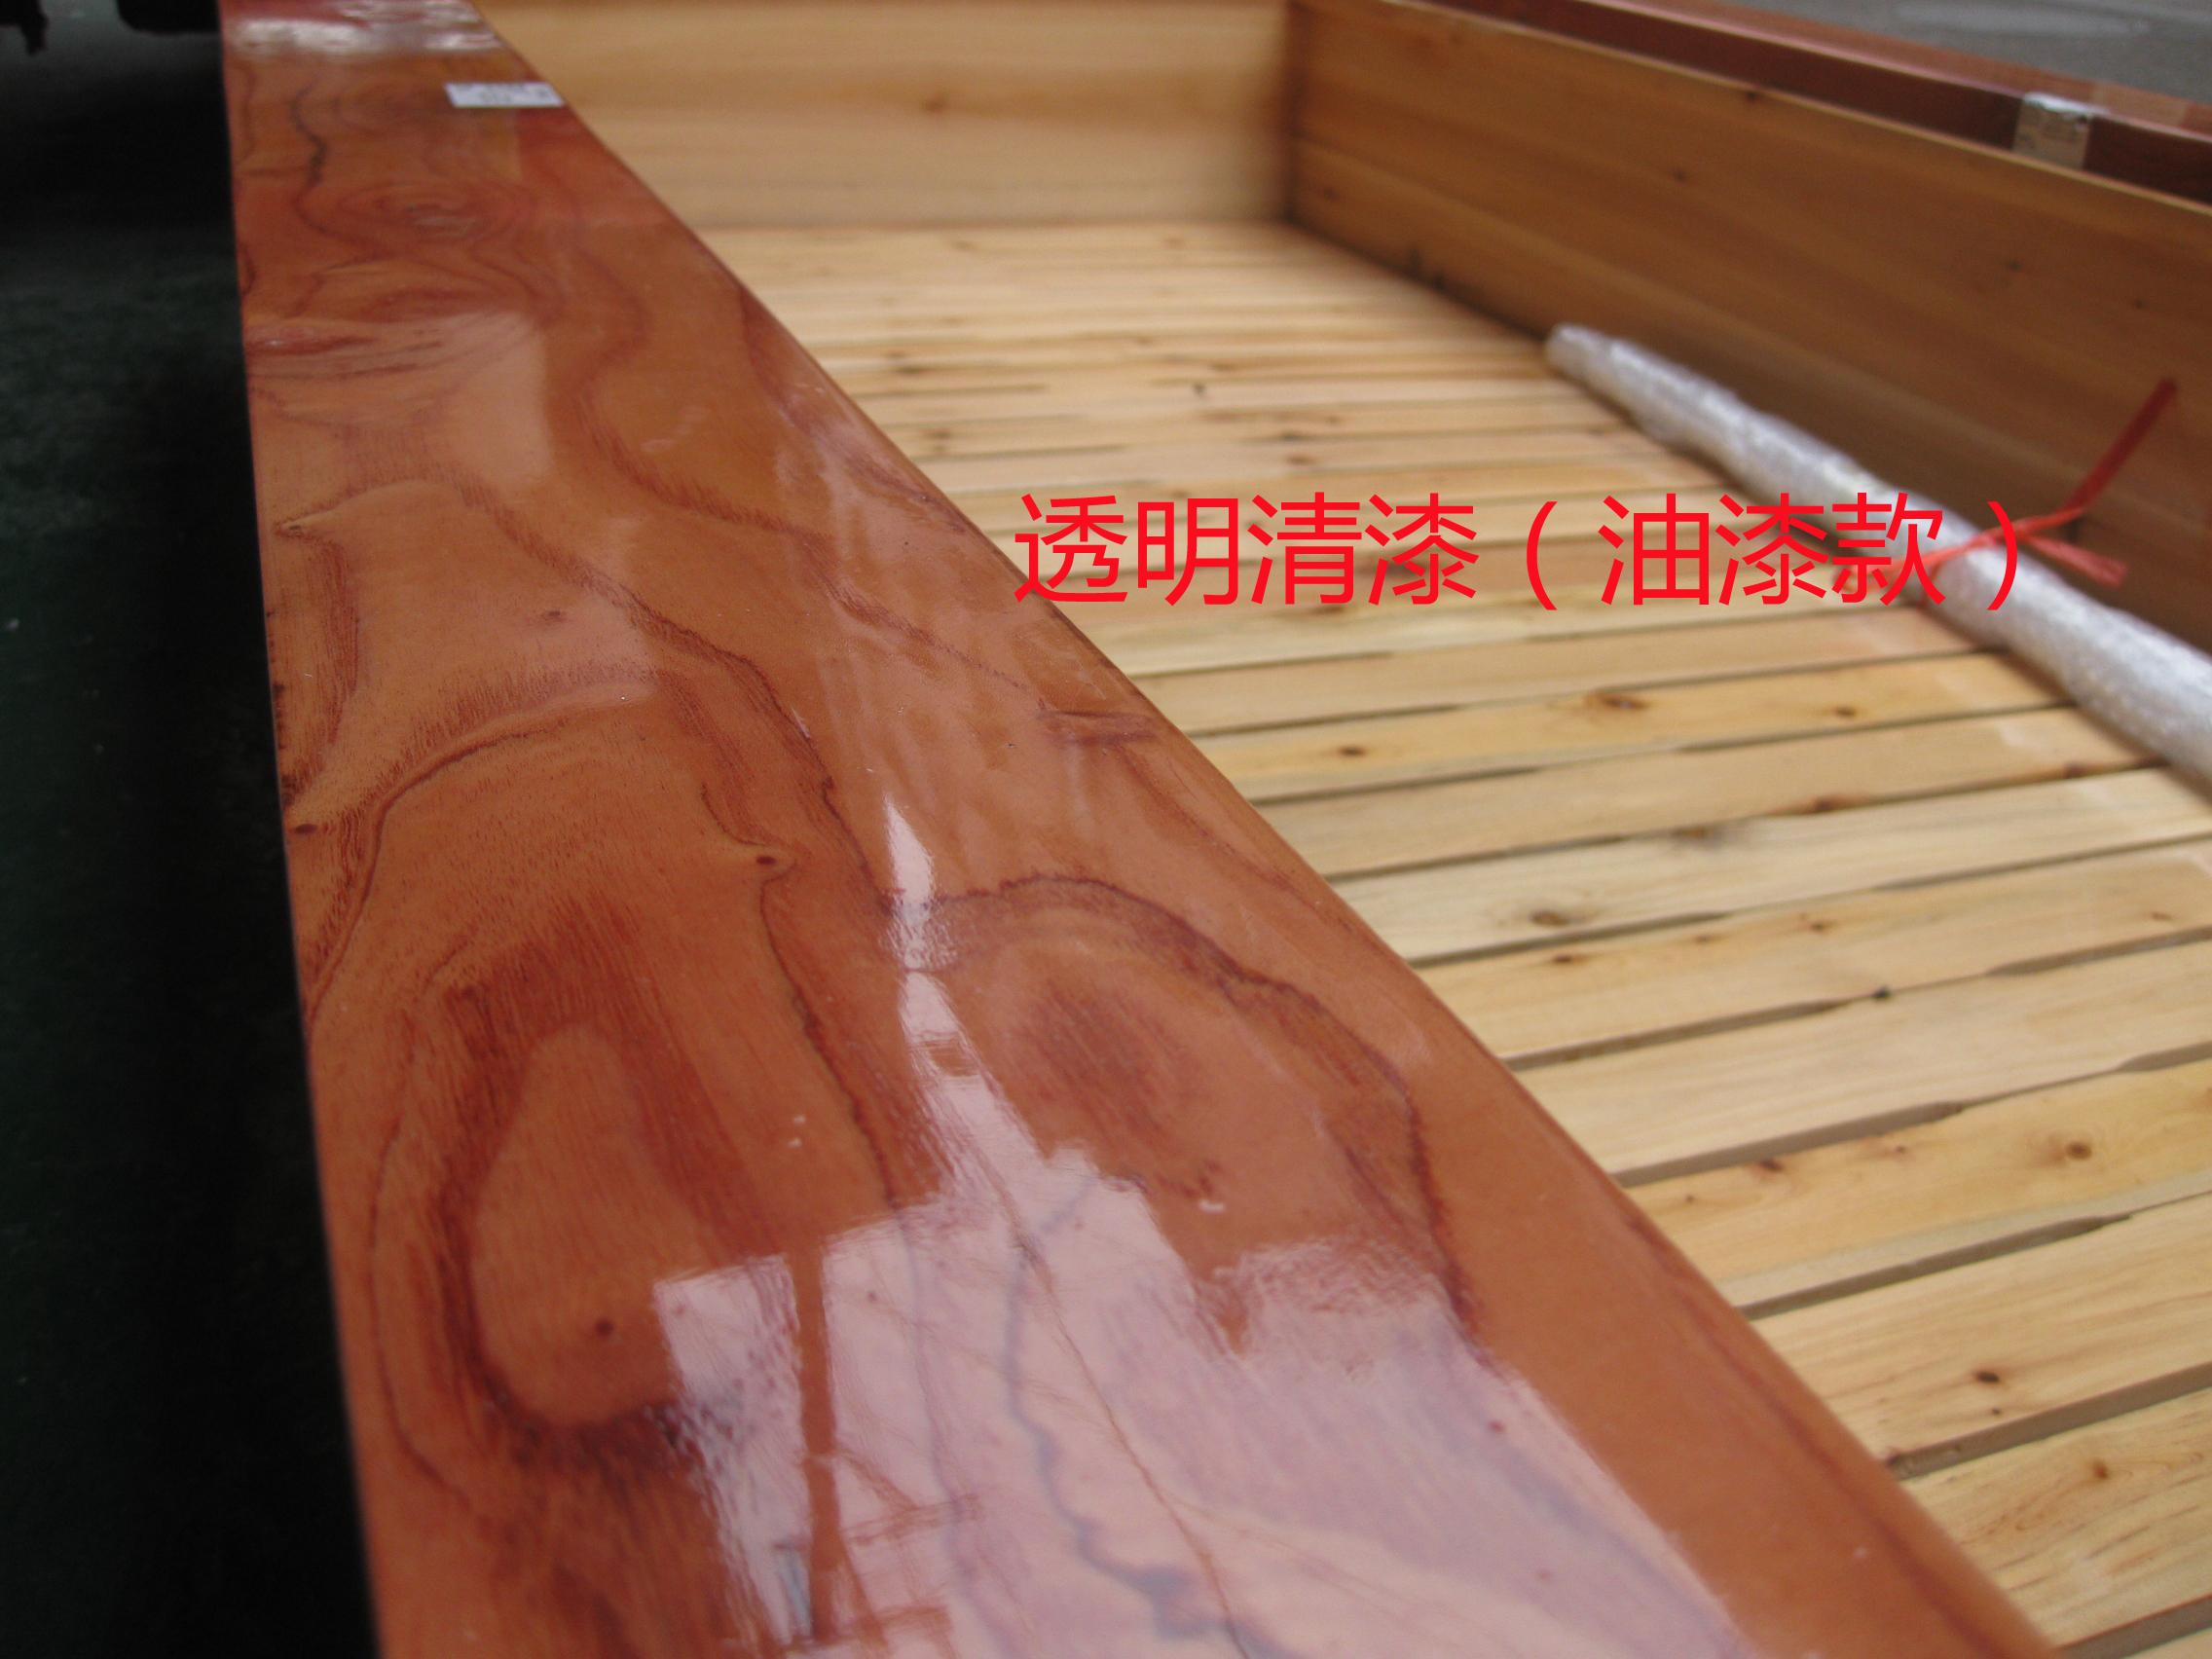 湖南实木节能取暖器 电火箱 烤火炉 火桶 暖脚器烤火箱1.2米包邮